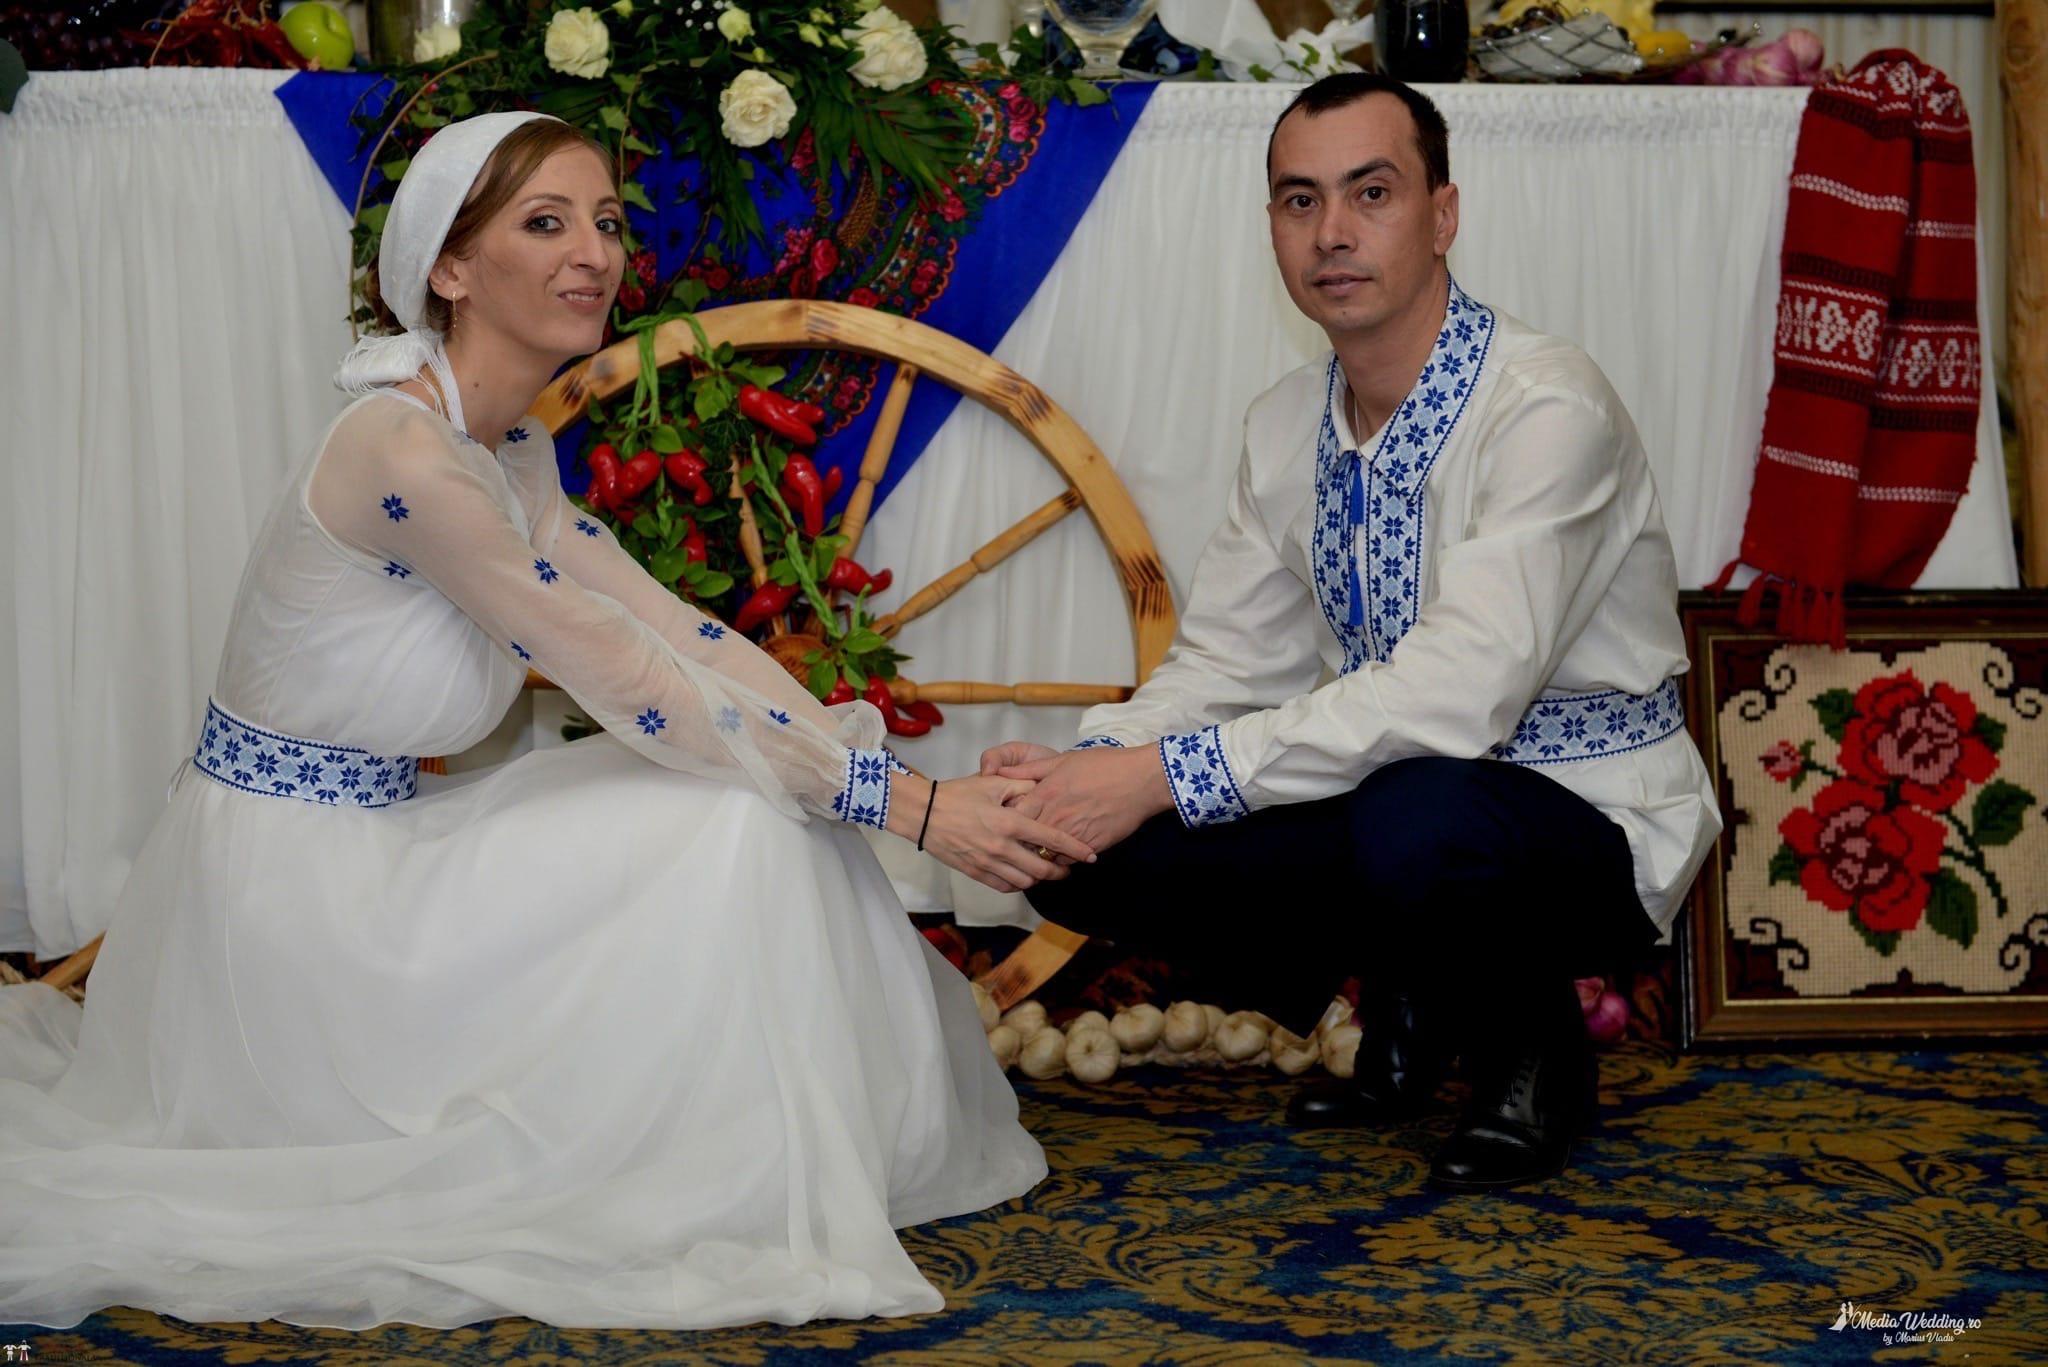 Povești Nunți Tradiționale - Alina-Maria și Ilie, nuntă tradițională în București 40